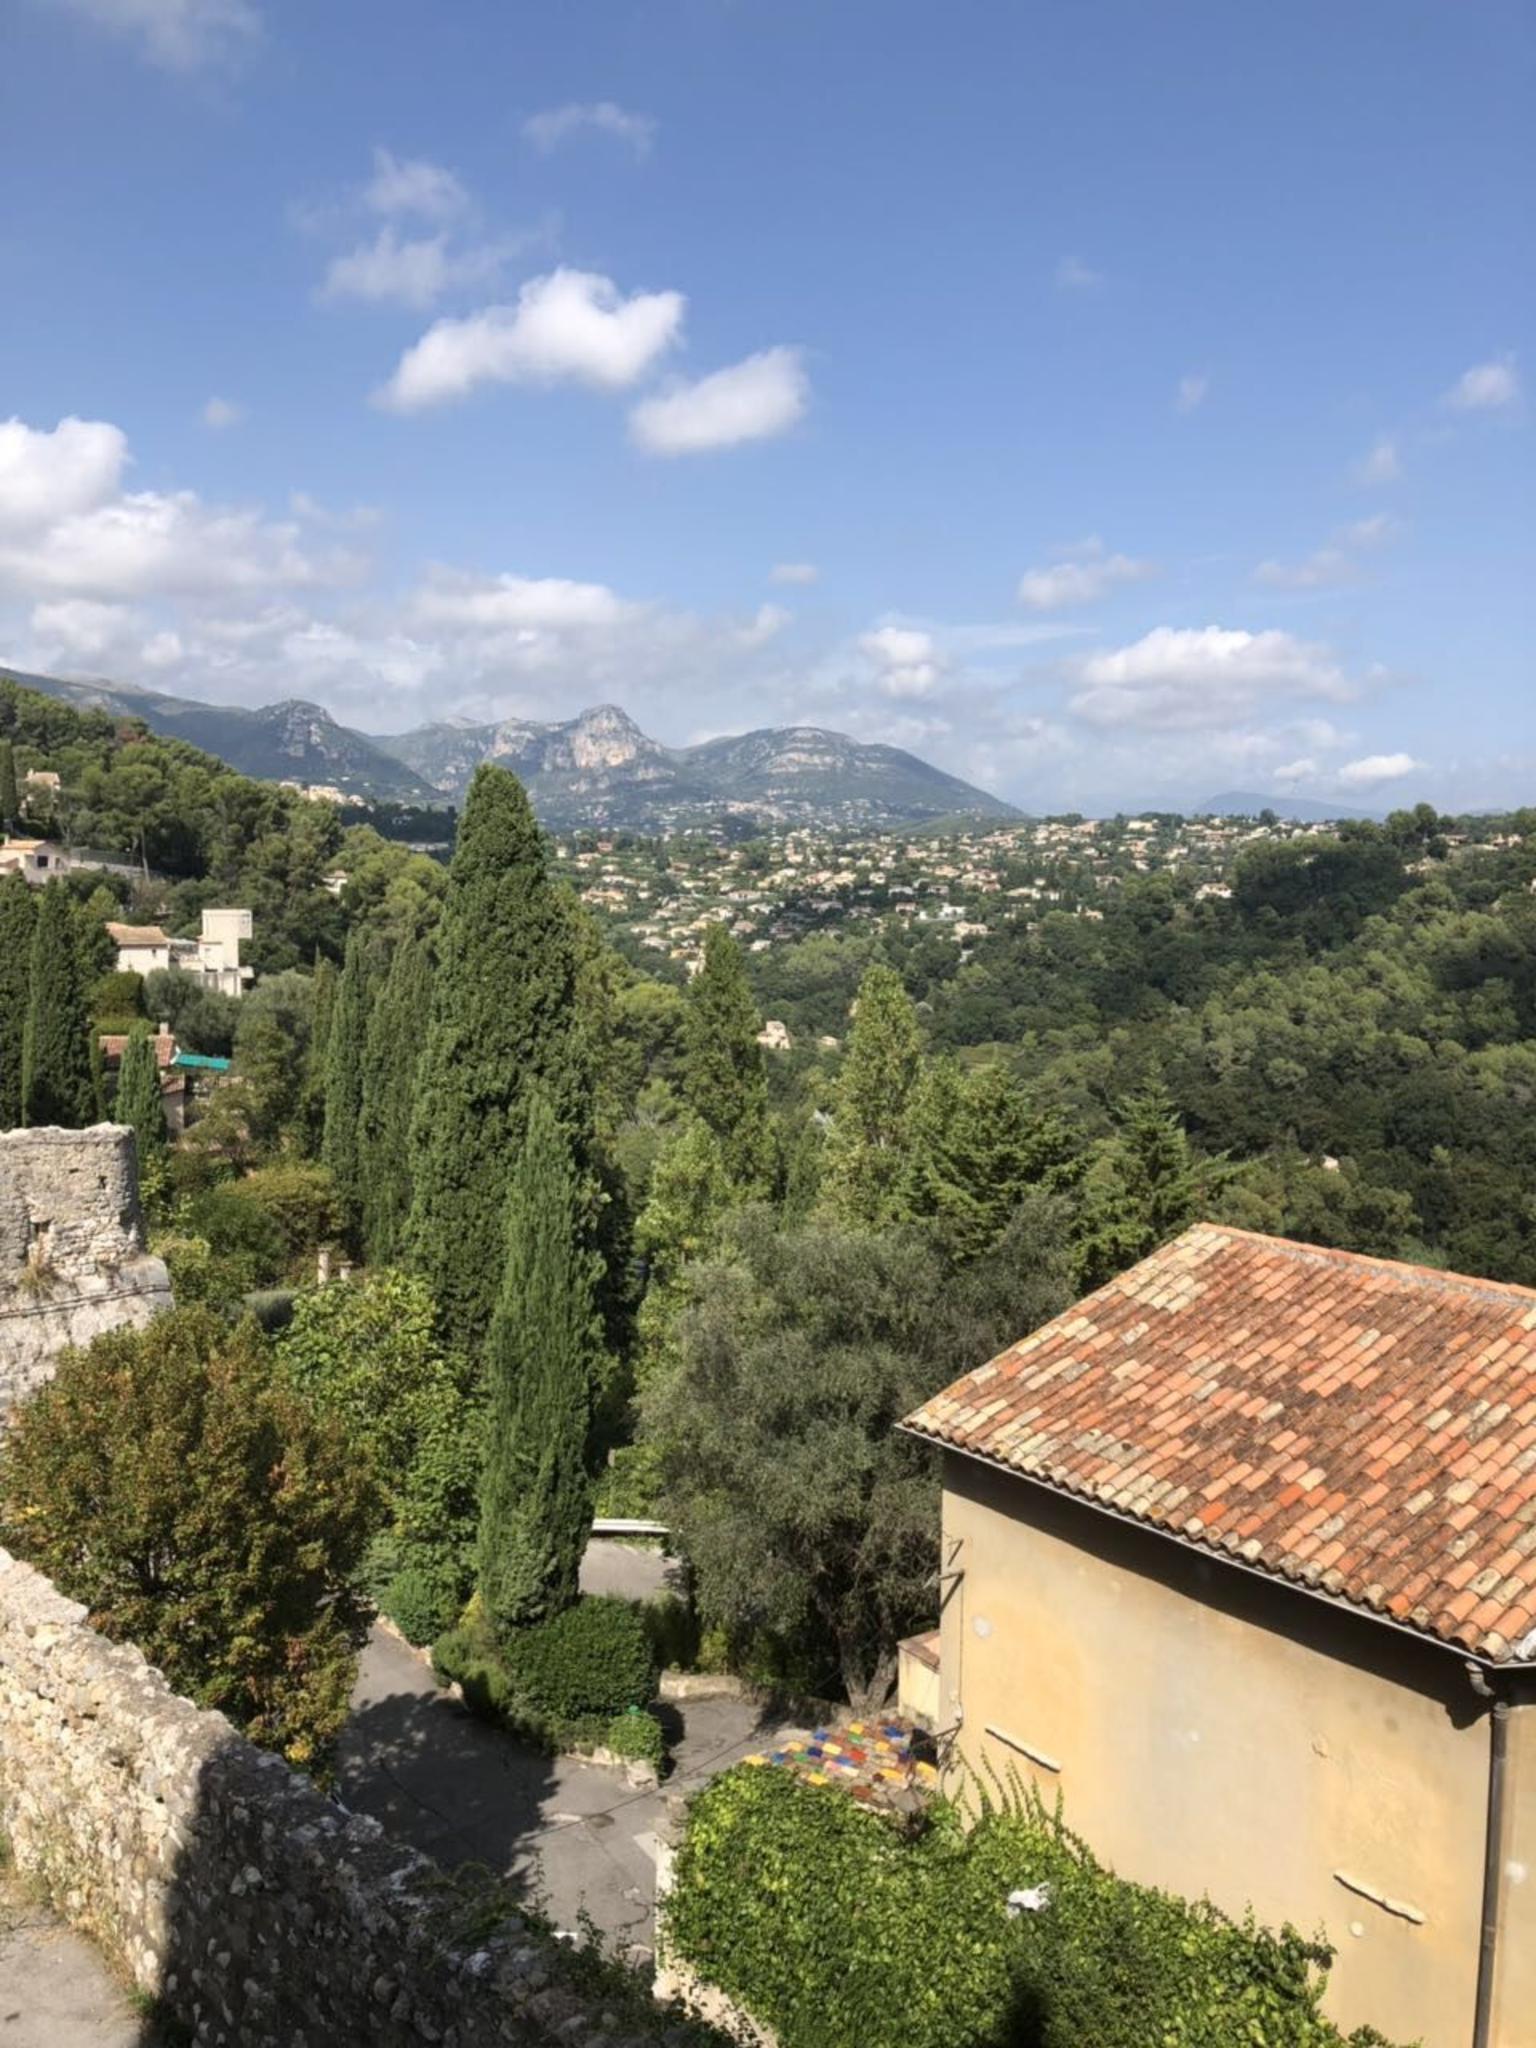 MÁS FOTOS, Recorrido de medio día a Cannes, Antibes y St Paul de Vence desde Niza